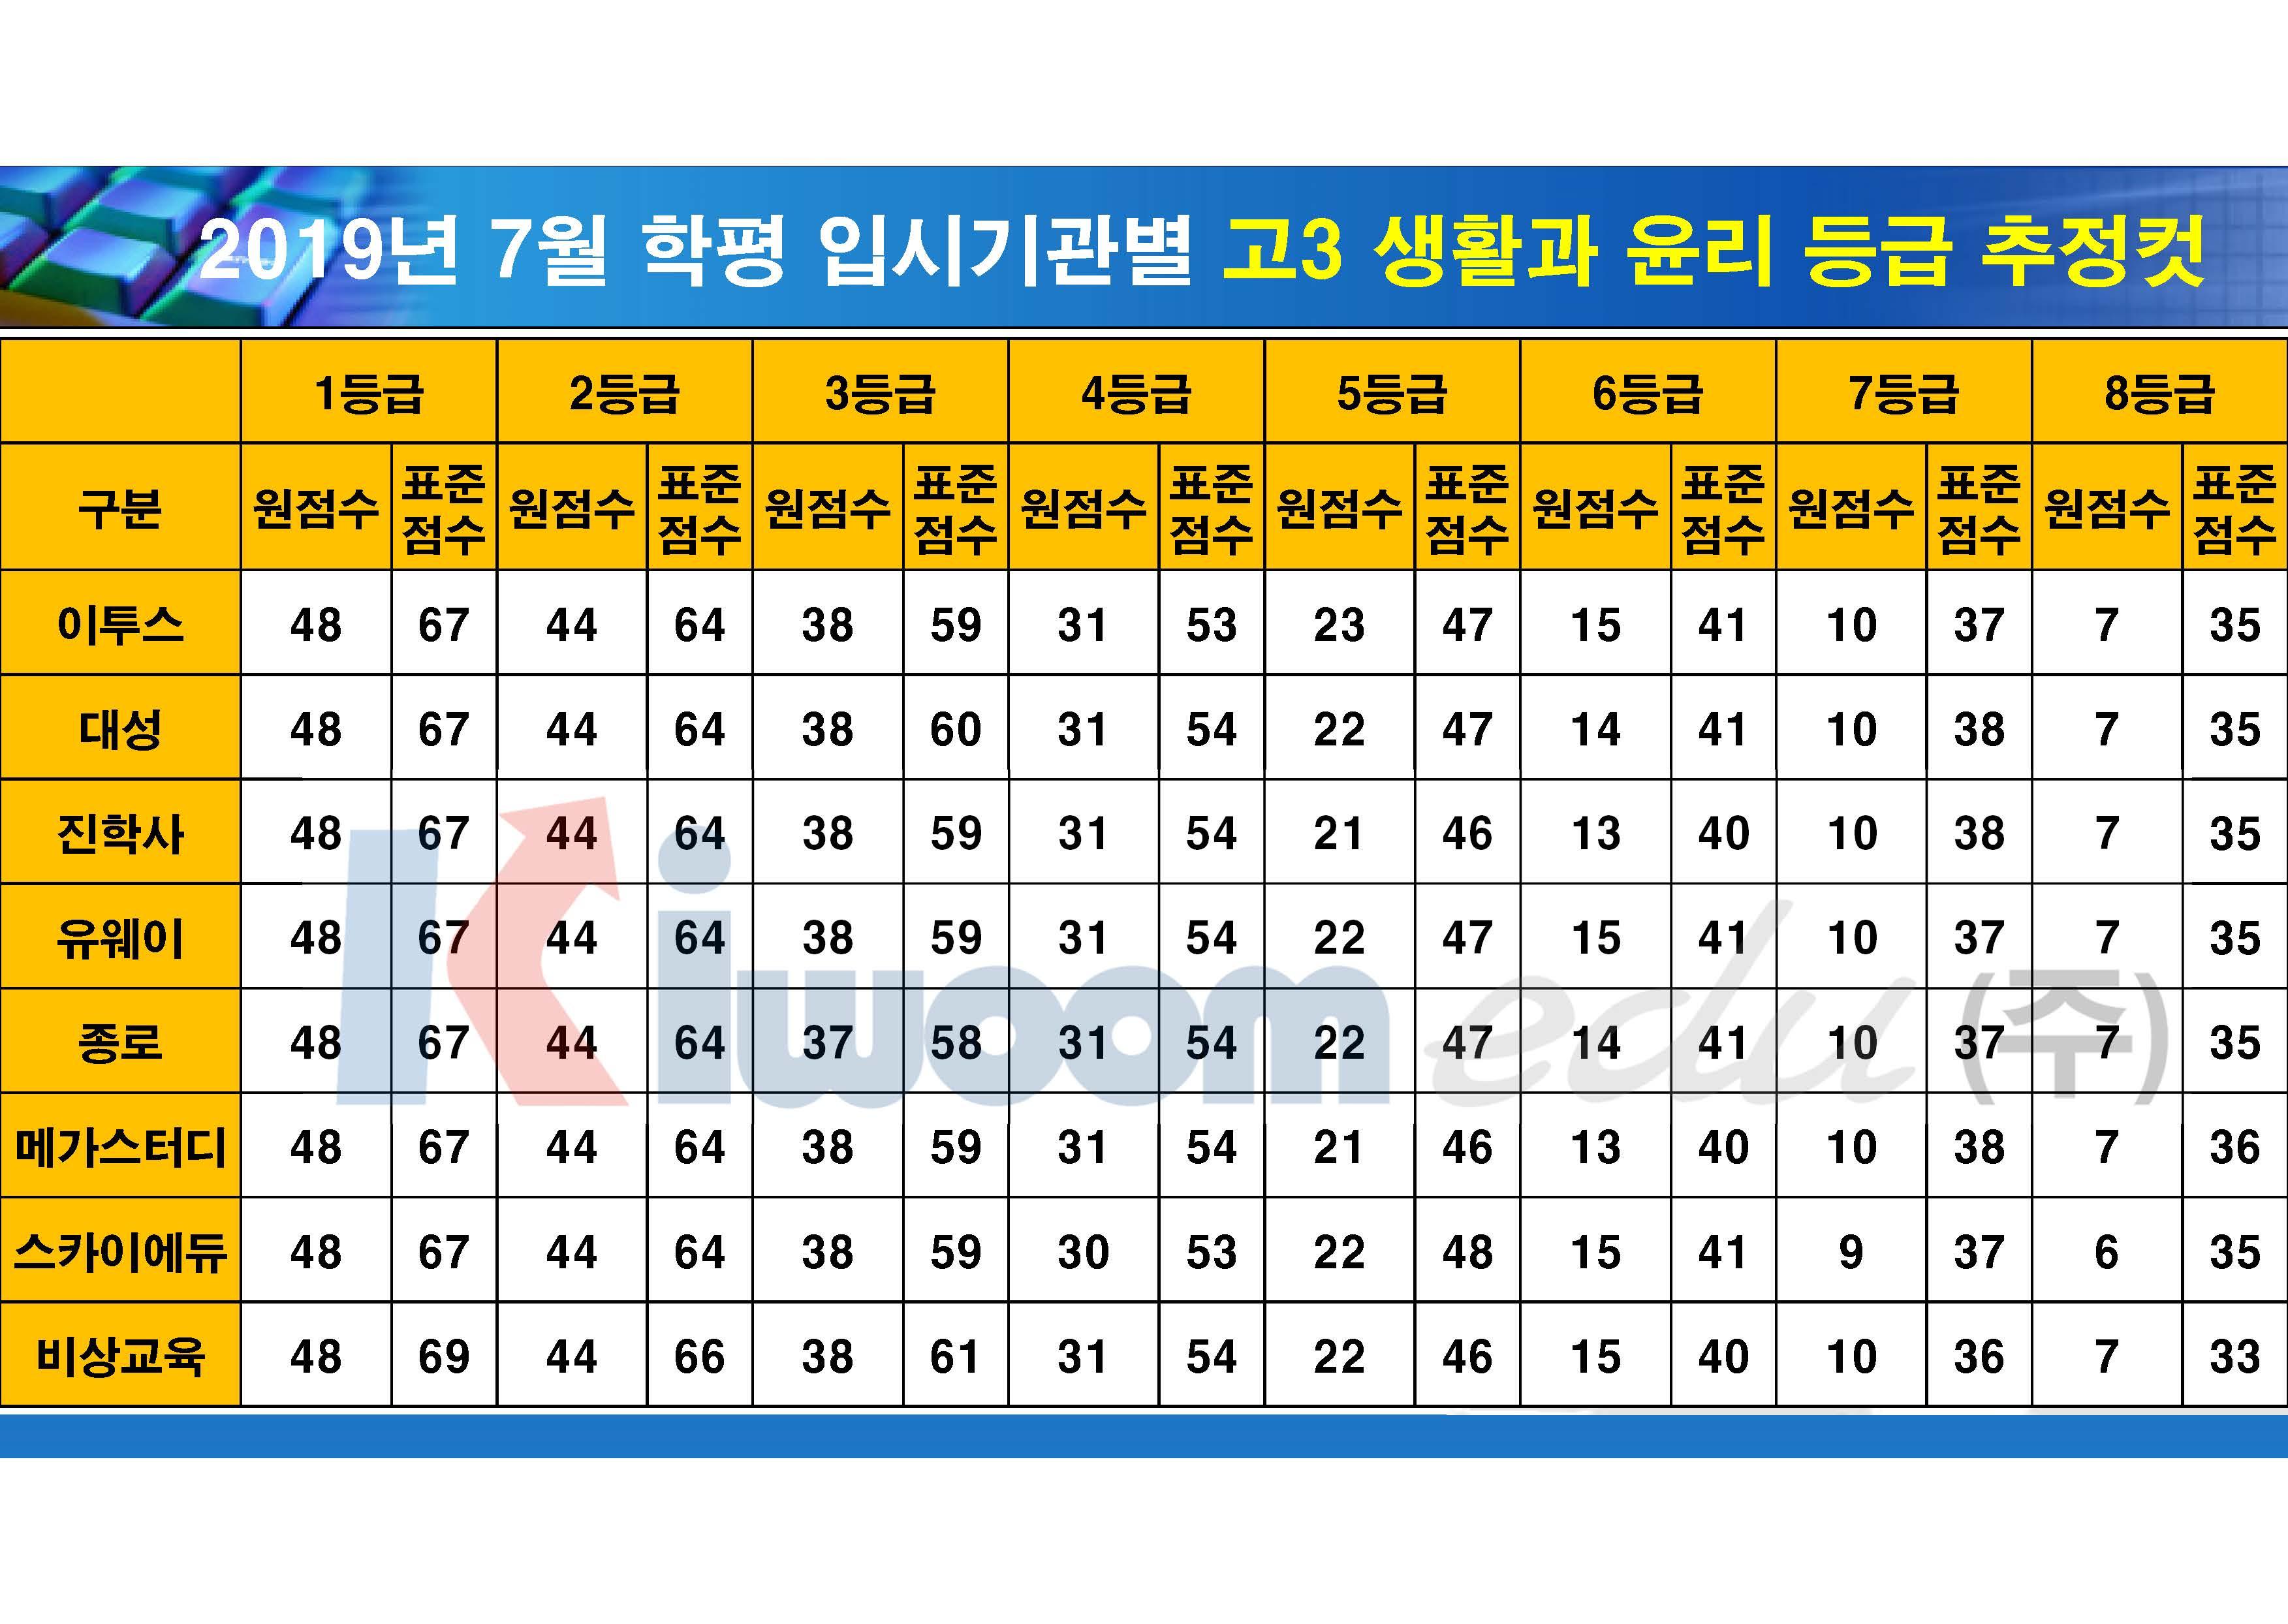 2019 7월 모의고사 입시기관별 등급컷(고3)_20190711_안지훈#1(16시 30분 기준)_Page_06.jpg